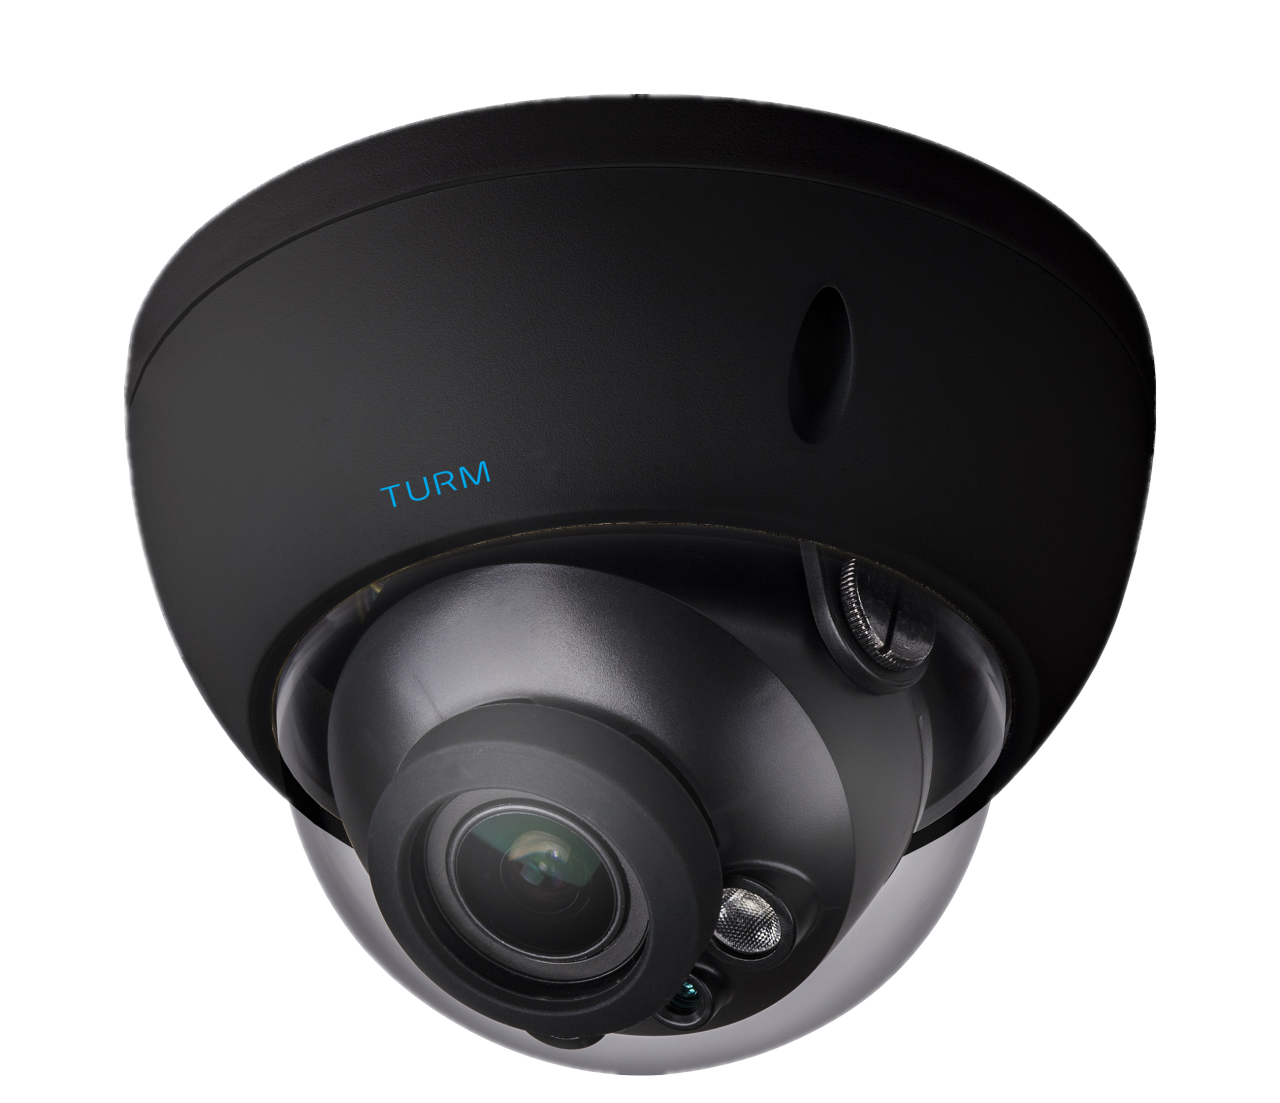 TURM IP Professional 4 MP Dome Kamera mit 40m Nachtsicht und 2.7-13.5 mm Motorzoom, Farbe schwarz